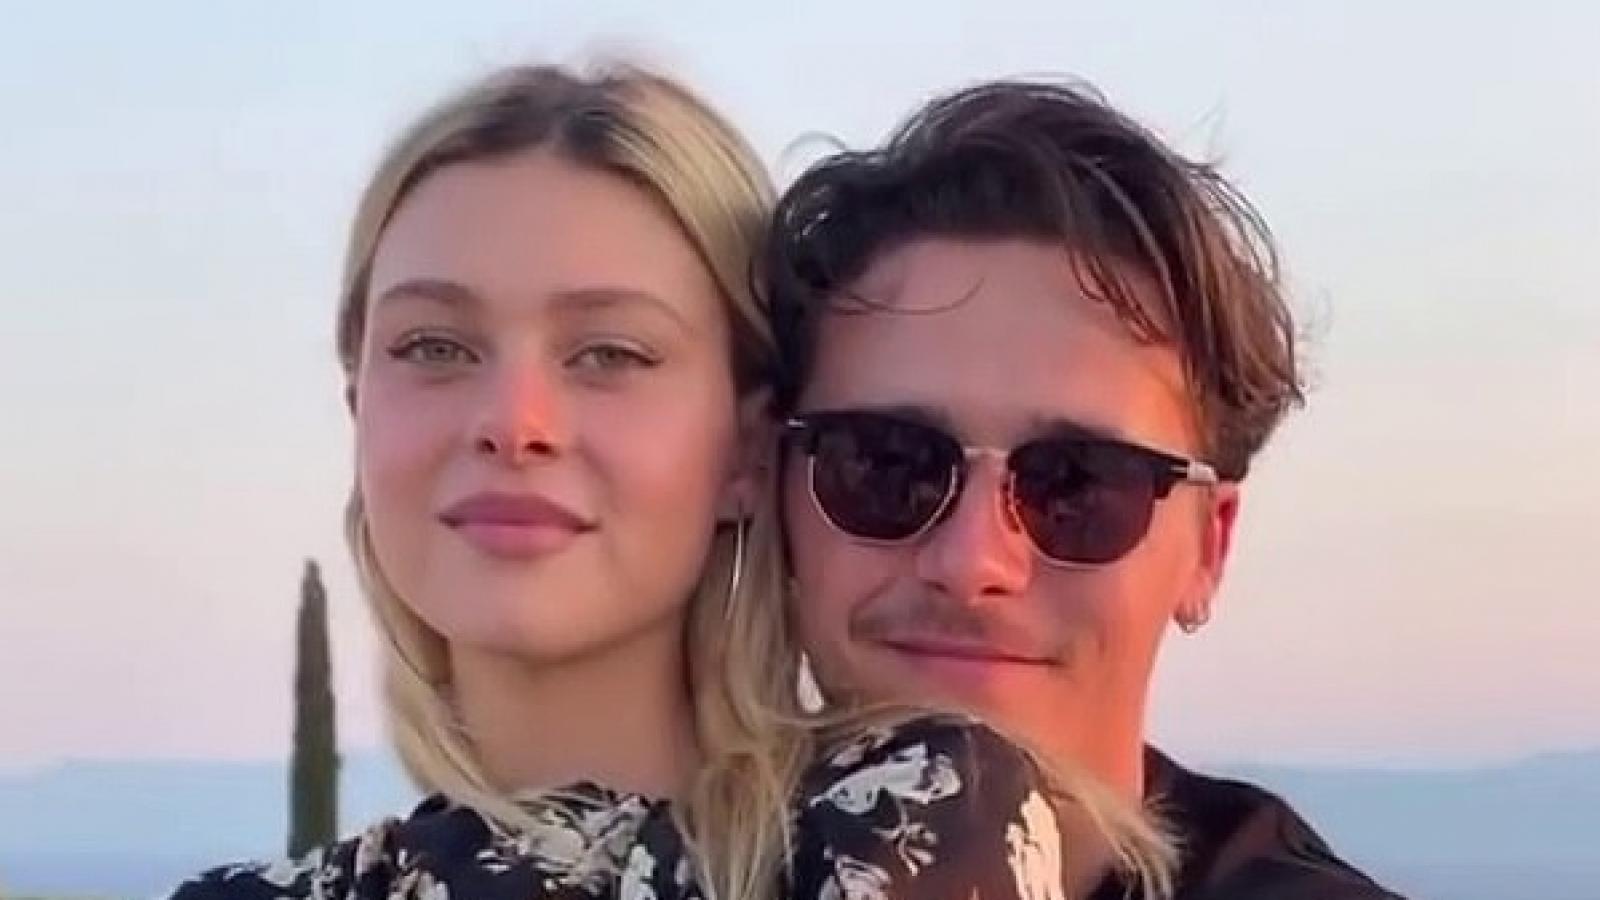 Con trai David Beckham và bạn gái xinh đẹp quyết định hoãn cưới?